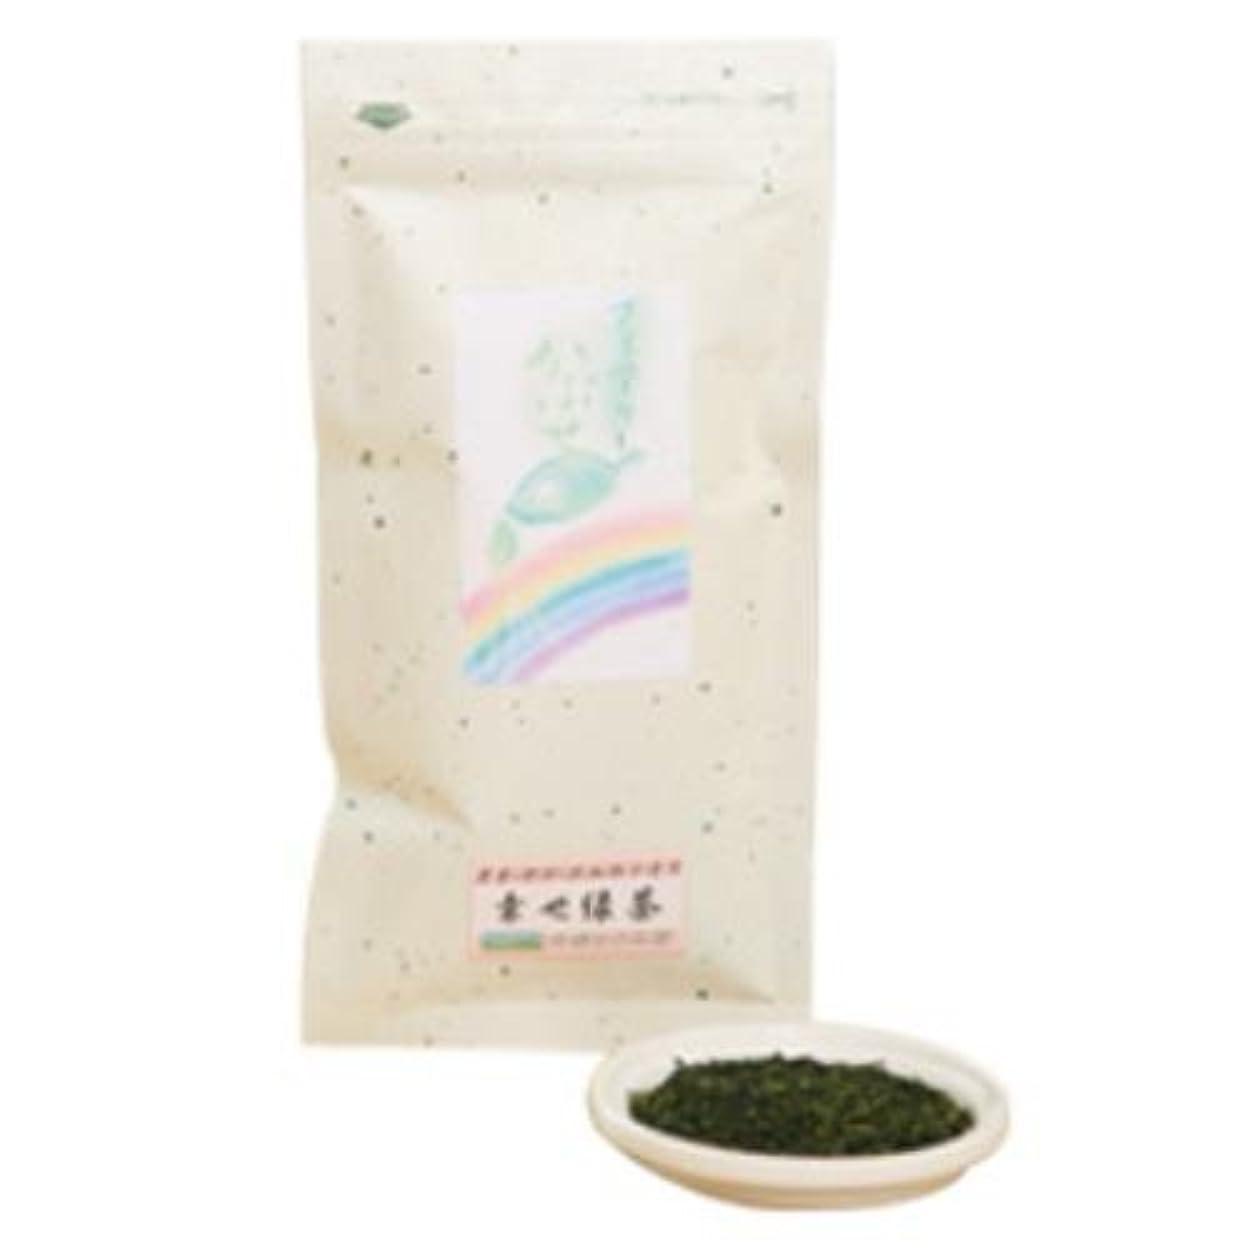 グリース希望に満ちた感じかぶせ緑茶 80g